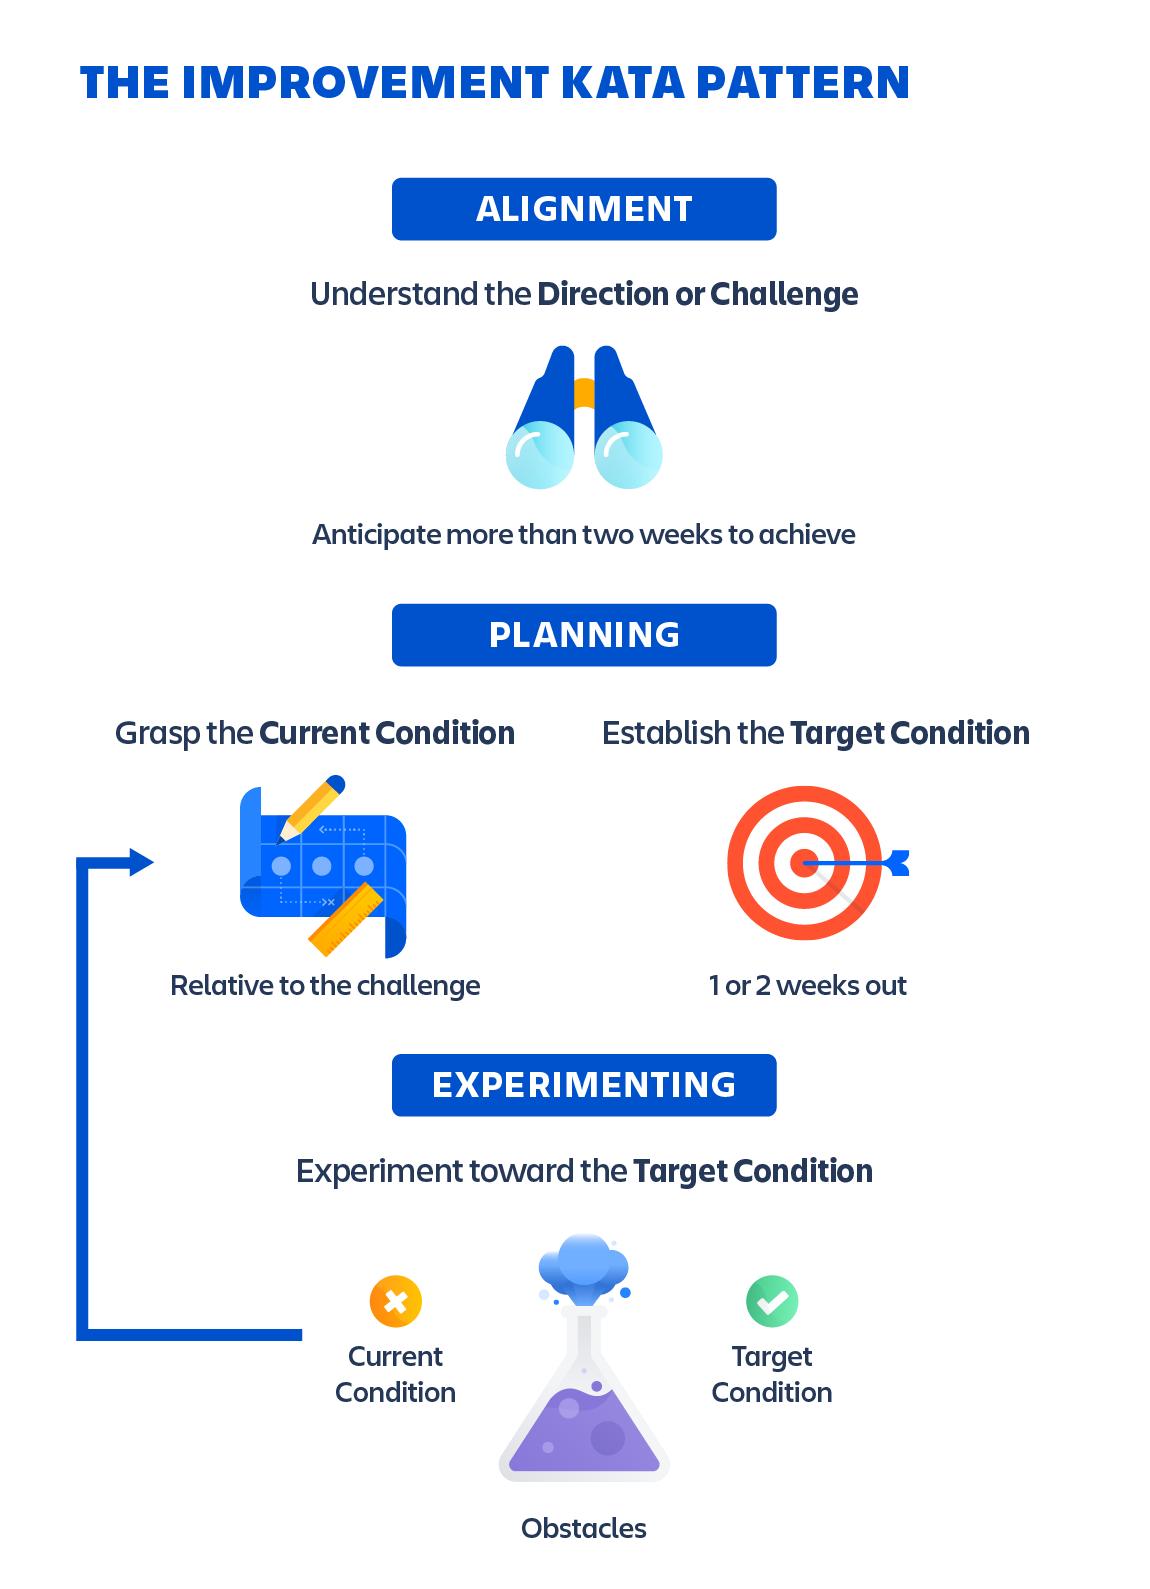 Схема, описывающая модель «Ката совершенствования»